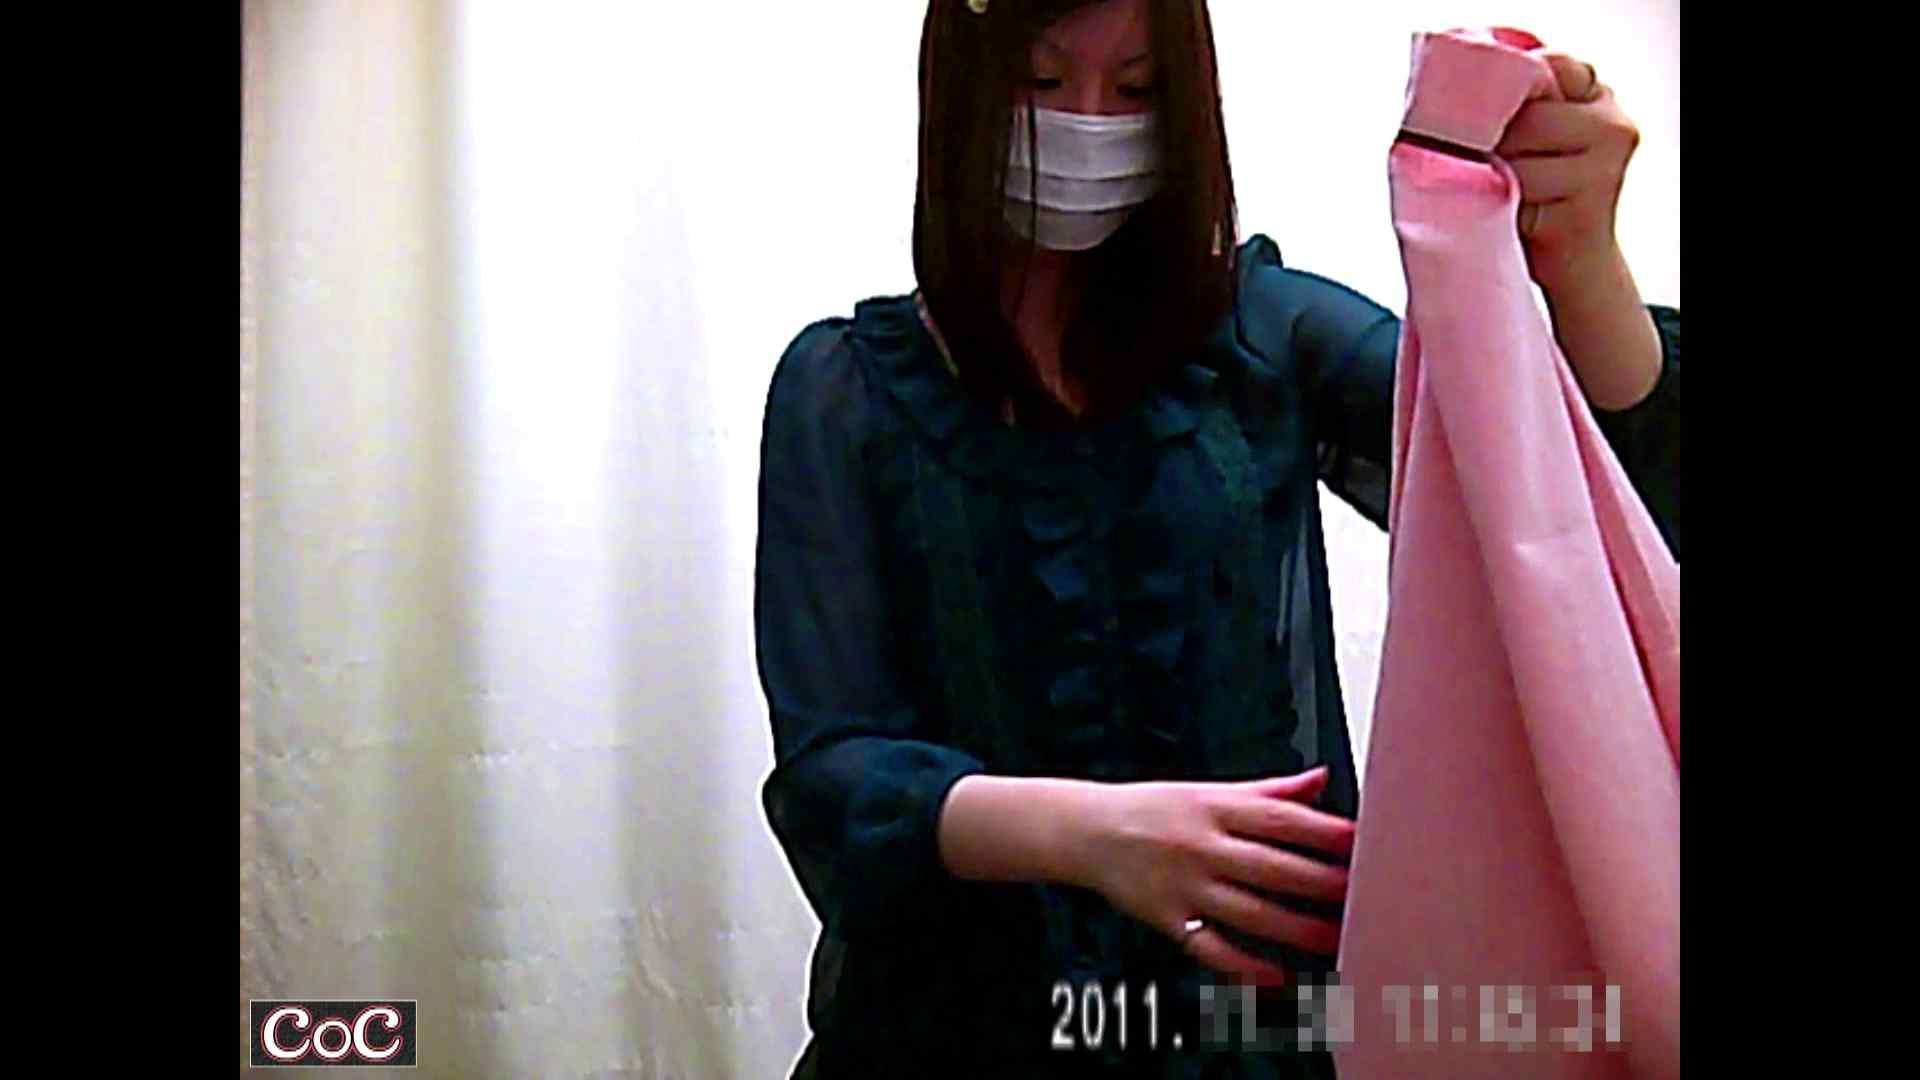 元医者による反抗 更衣室地獄絵巻 vol.190 OLハメ撮り  35Pix 5